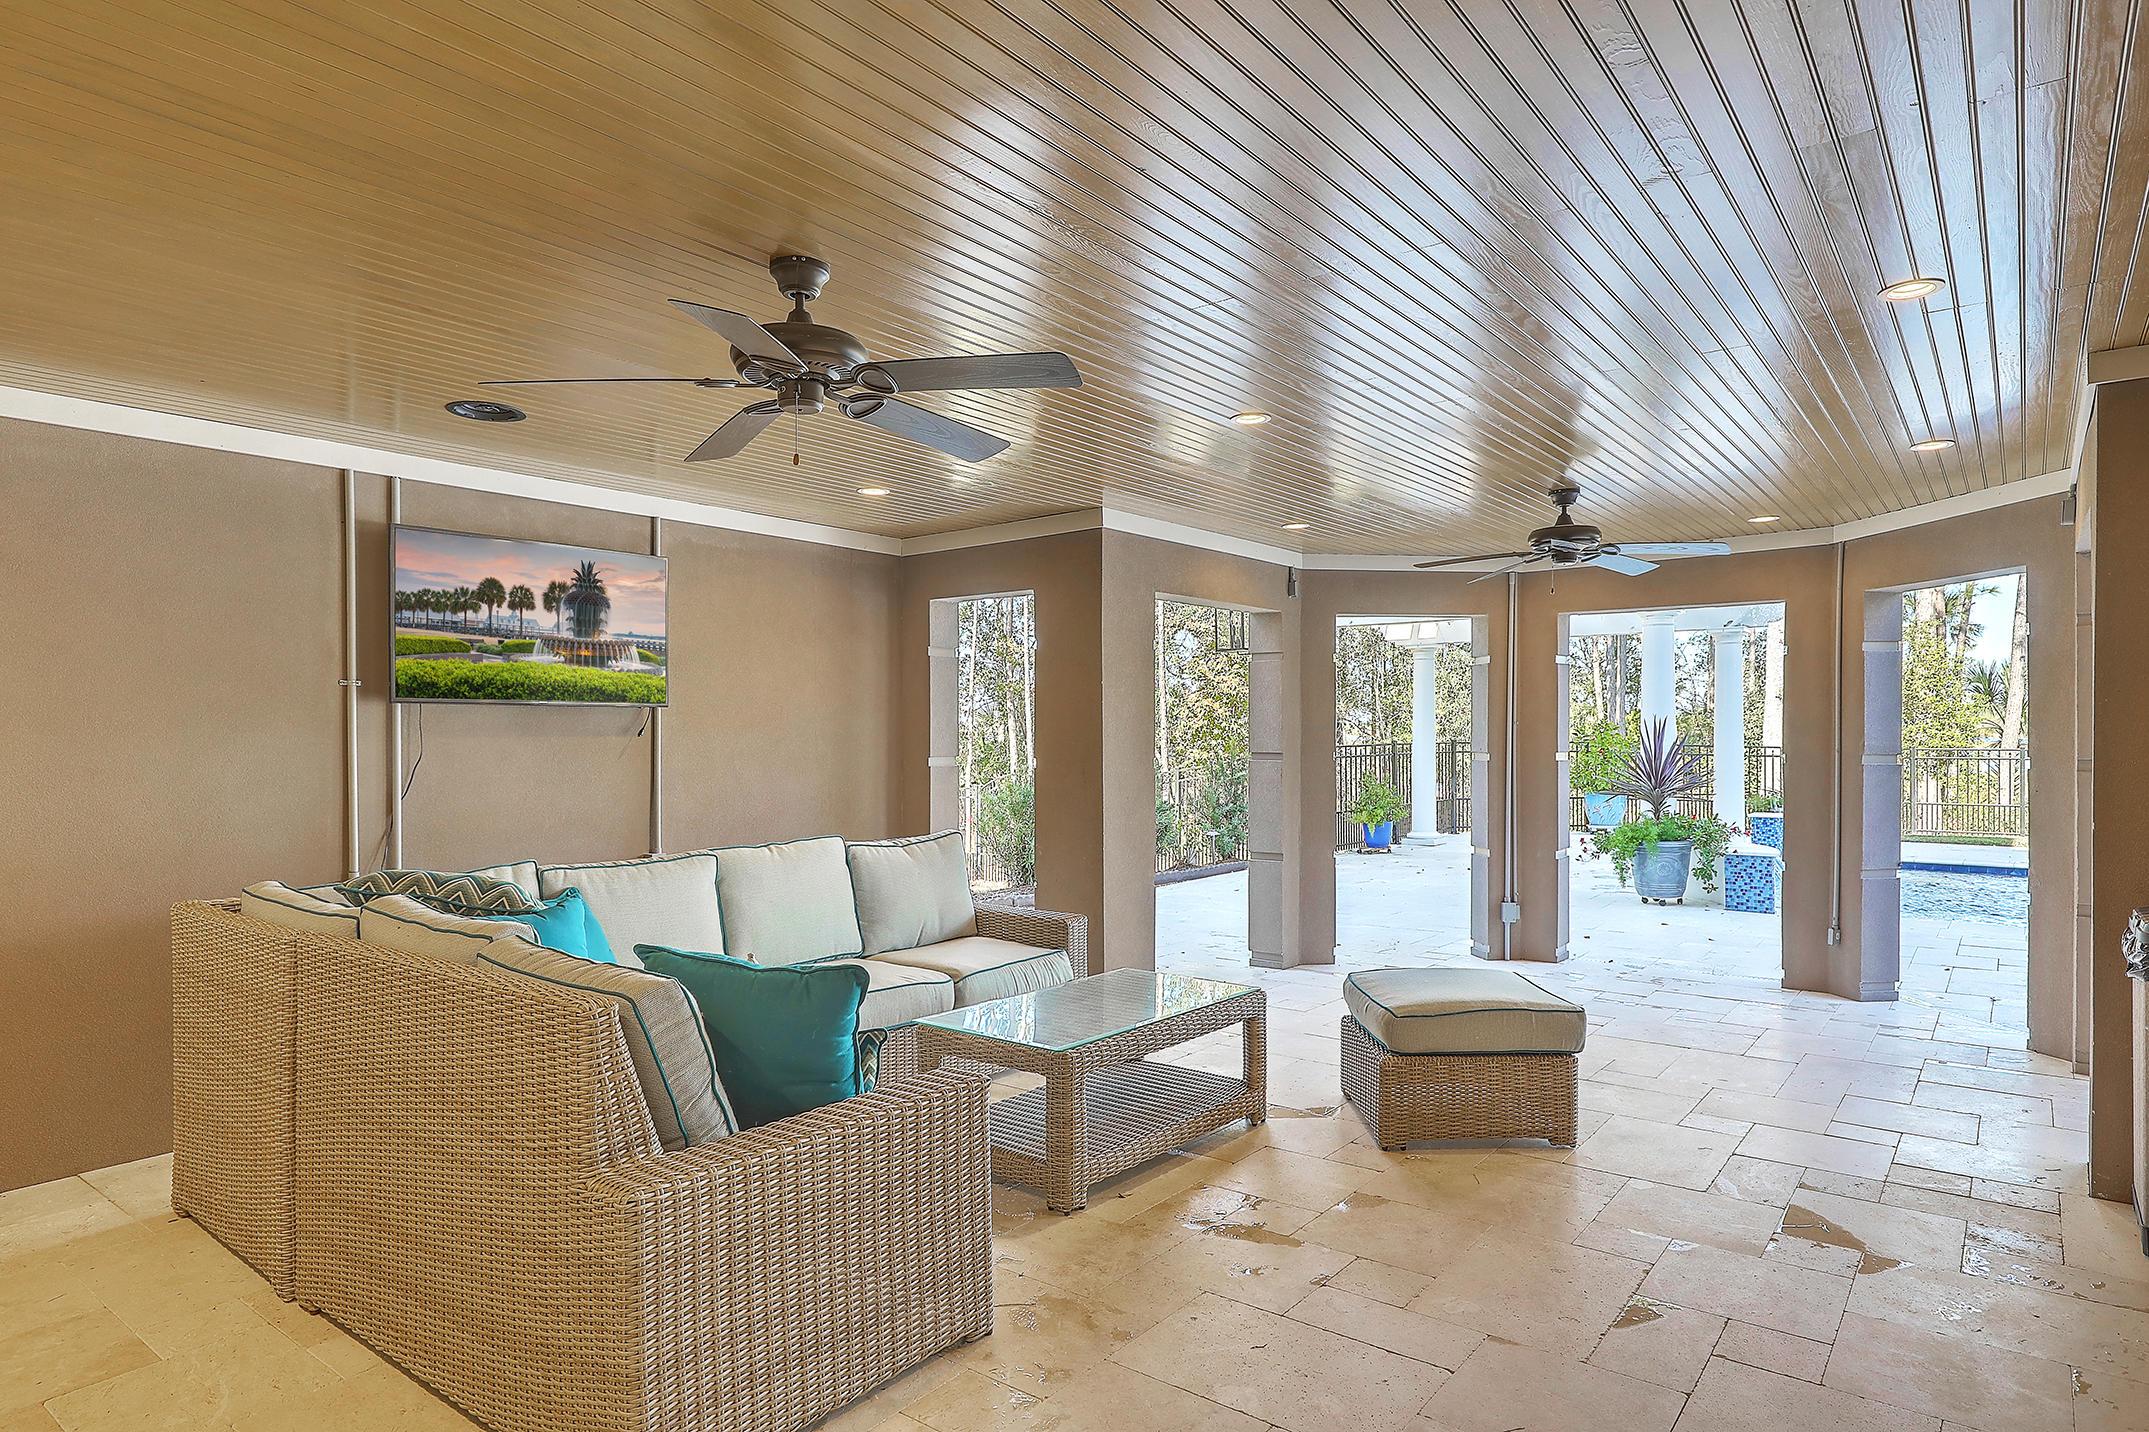 Park West Homes For Sale - 3905 Ashton Shore, Mount Pleasant, SC - 16